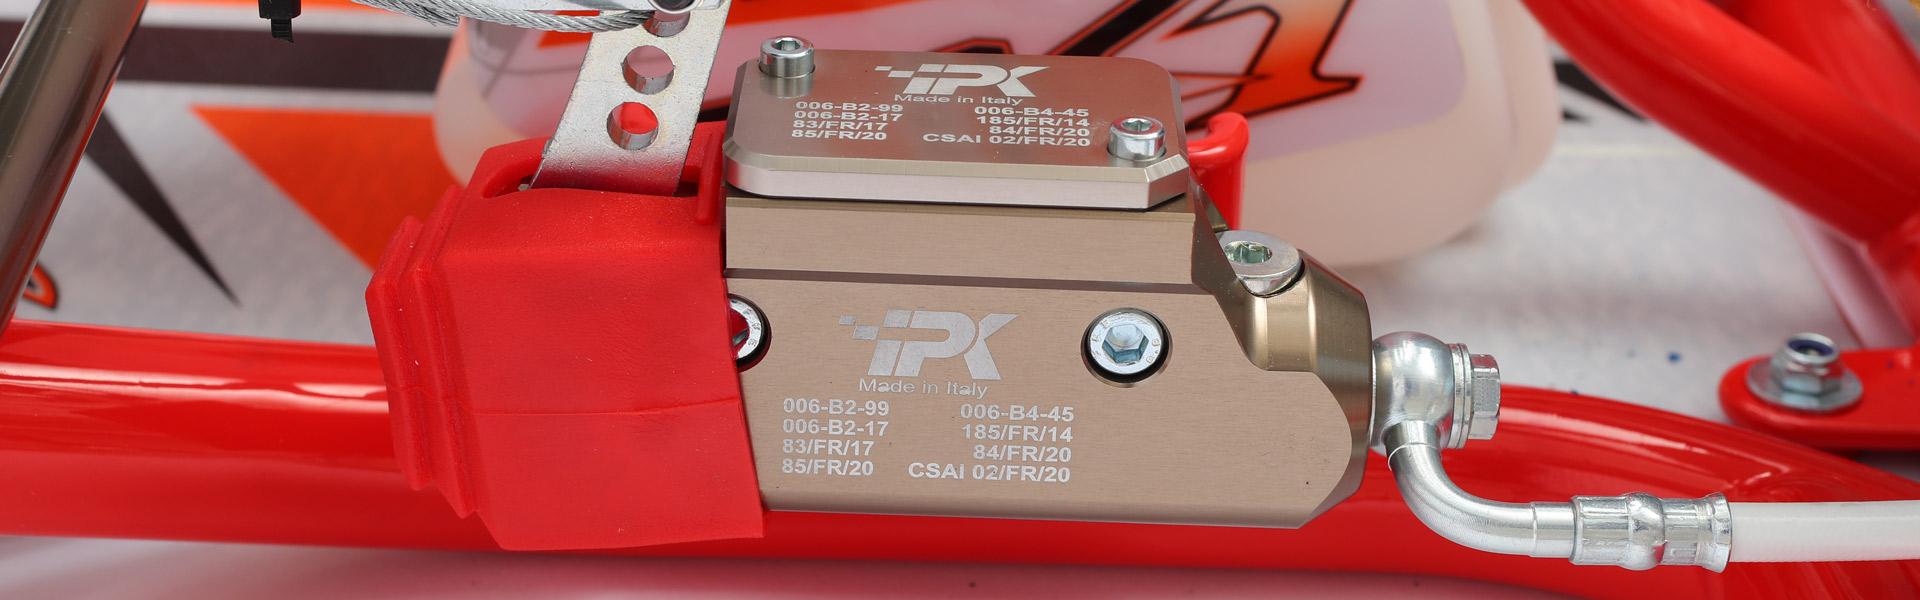 OK1 Karts: the new MKB.V2 brake system | OK1 Karts